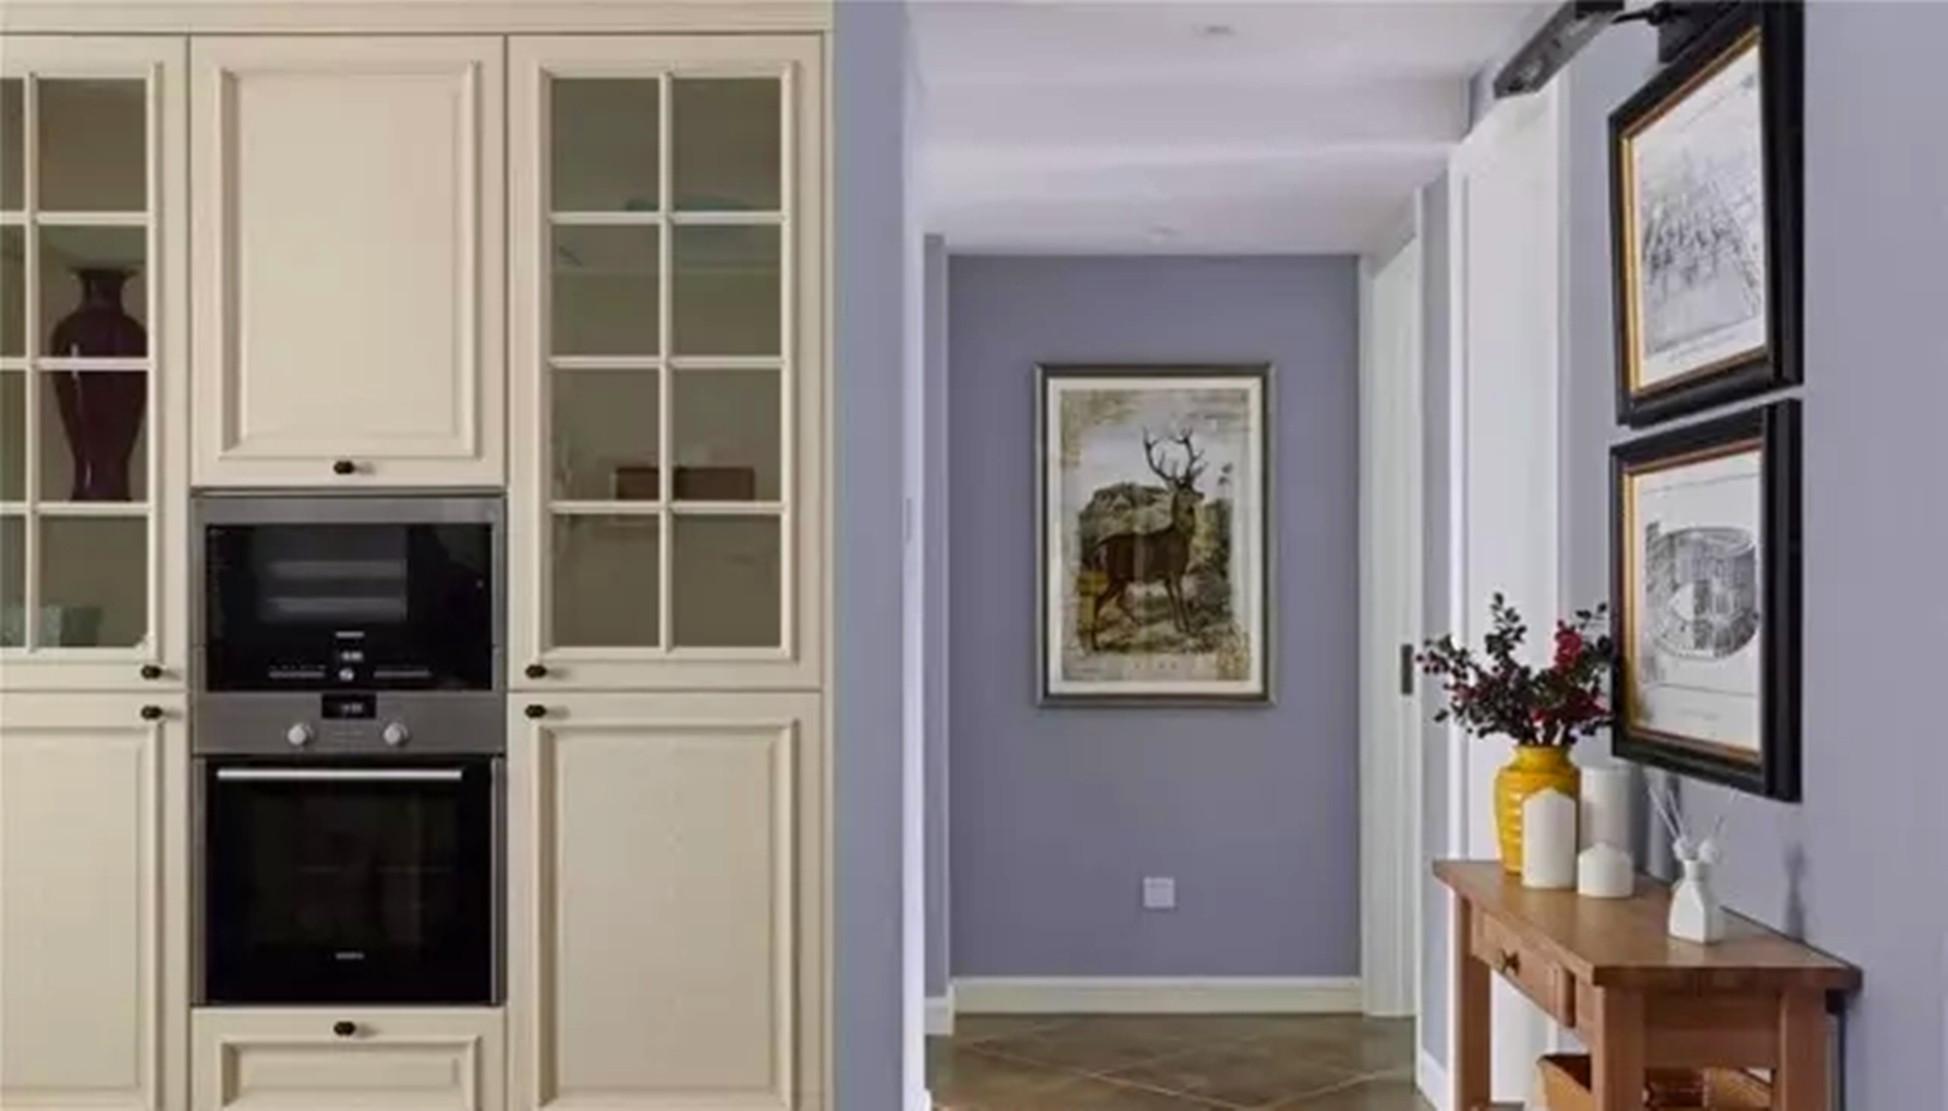 美式 三居 轻盈 舒适 其他图片来自高度国际装饰宋增会在碧桂园118平米美式设计的分享